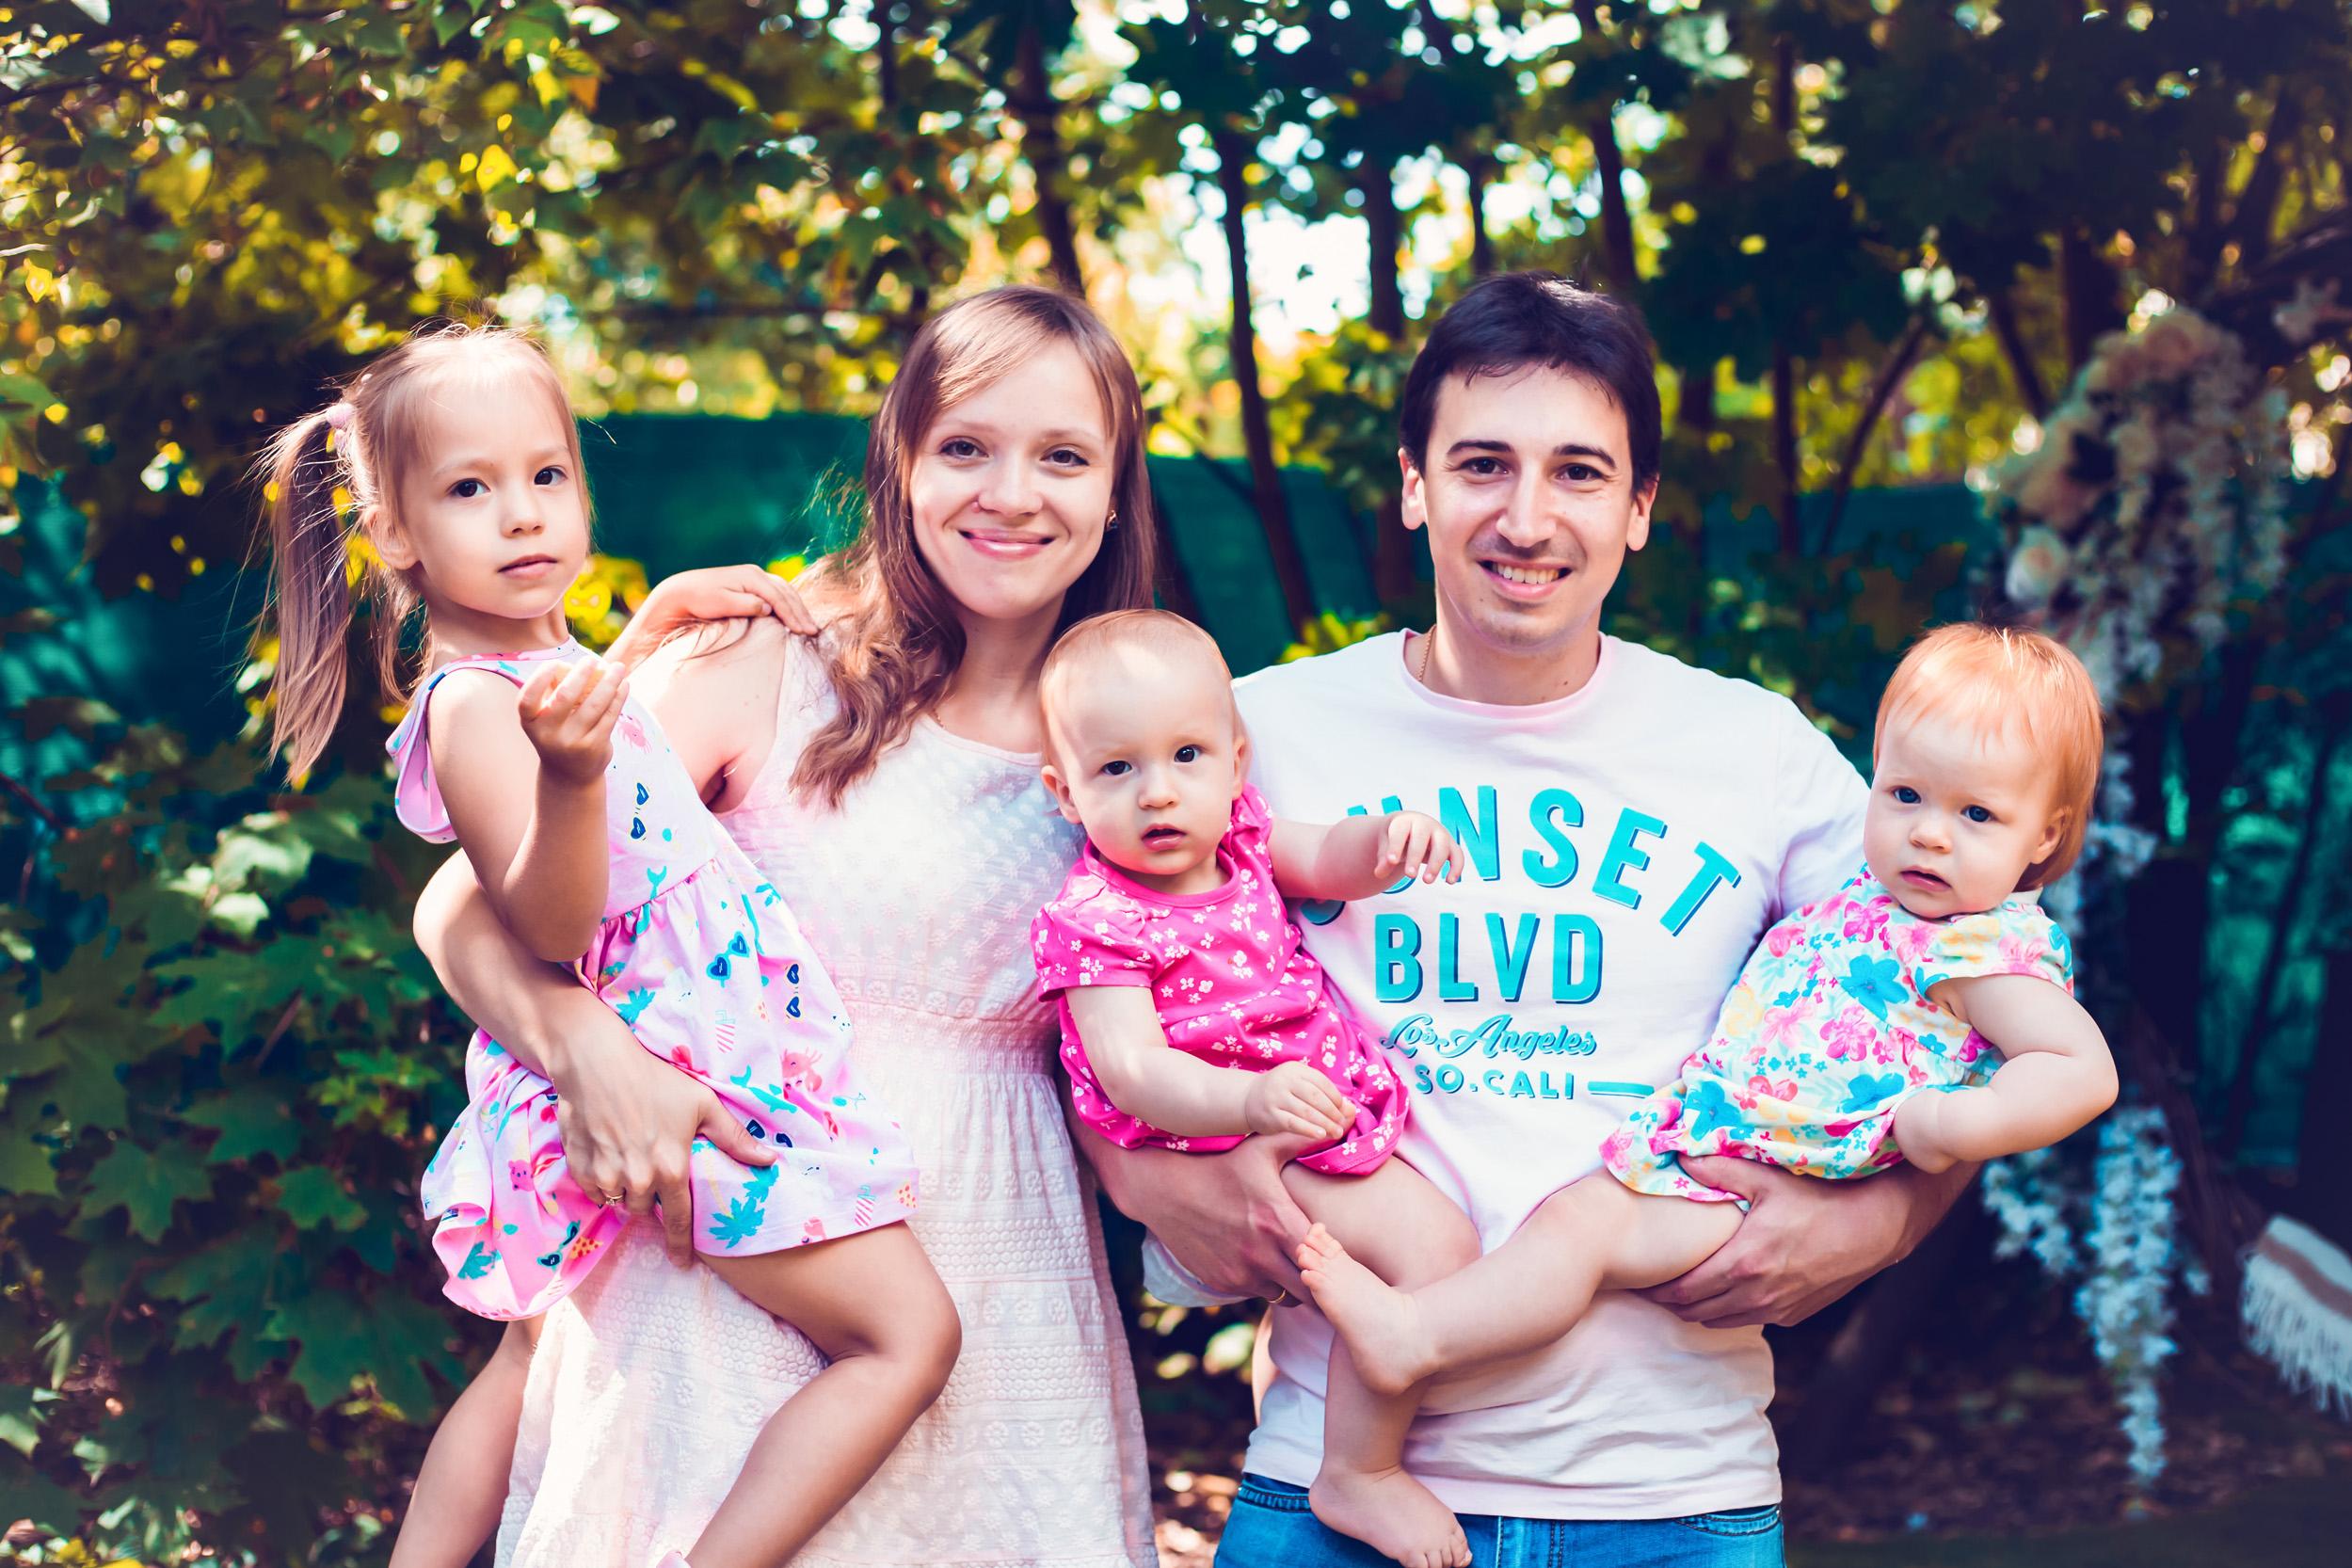 семейная фотосессия Киев фото, фотостудия Прованс фото, детская фотосессия киев фотостудия прованс, семейное фото студия прованс